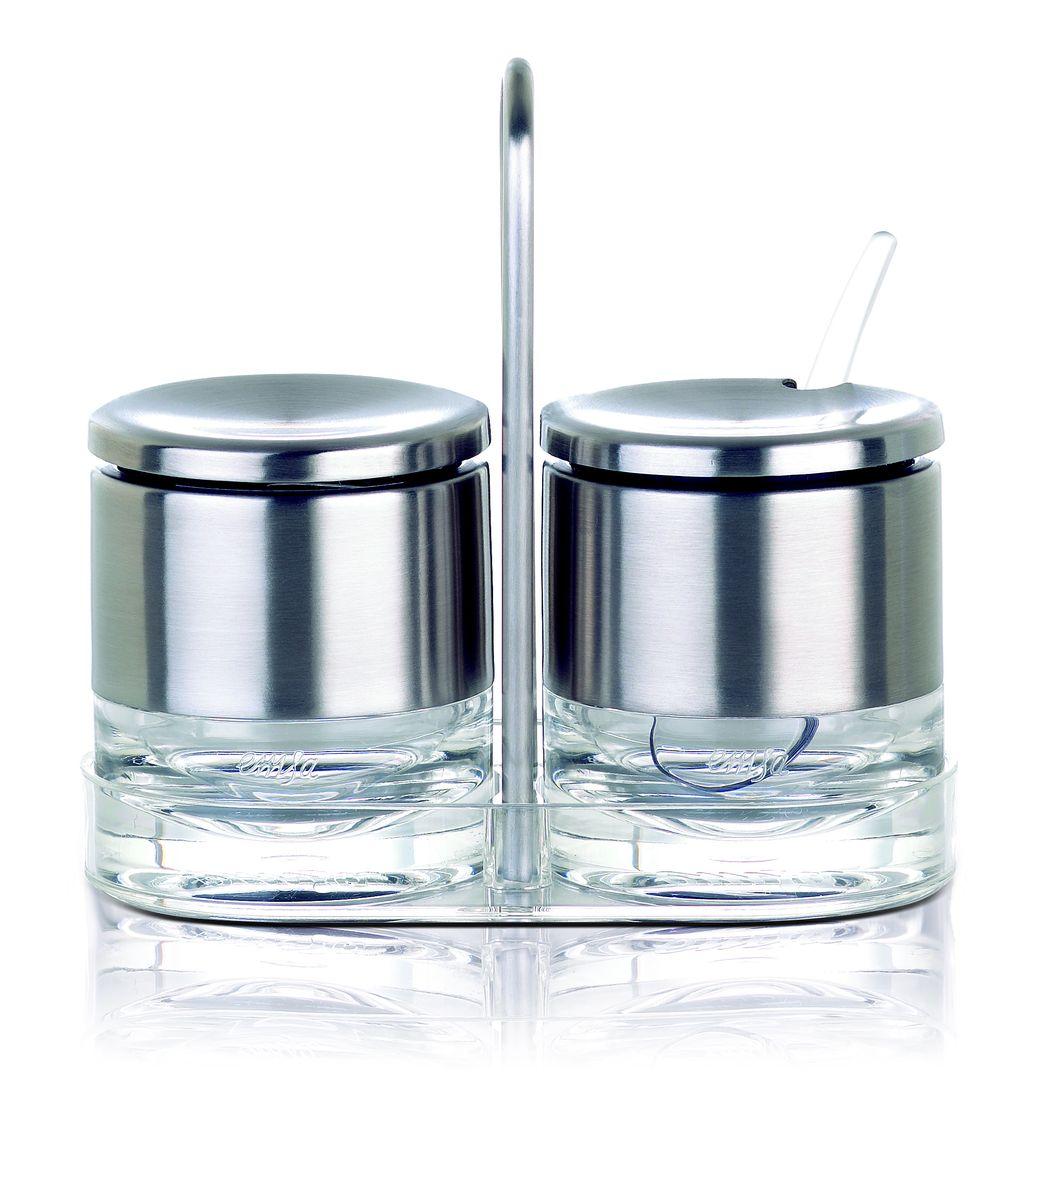 Набор Emsa Accenta, для сливок и сахара, 4 предмета504675Набор Emsa Accenta состоит из емкостей для сливок и сахара. Емкости изготовлены из поликарбоната. Благородный дизайн отлично впишется в любой интерьер. В комплекте с емкостями порционная ложка.